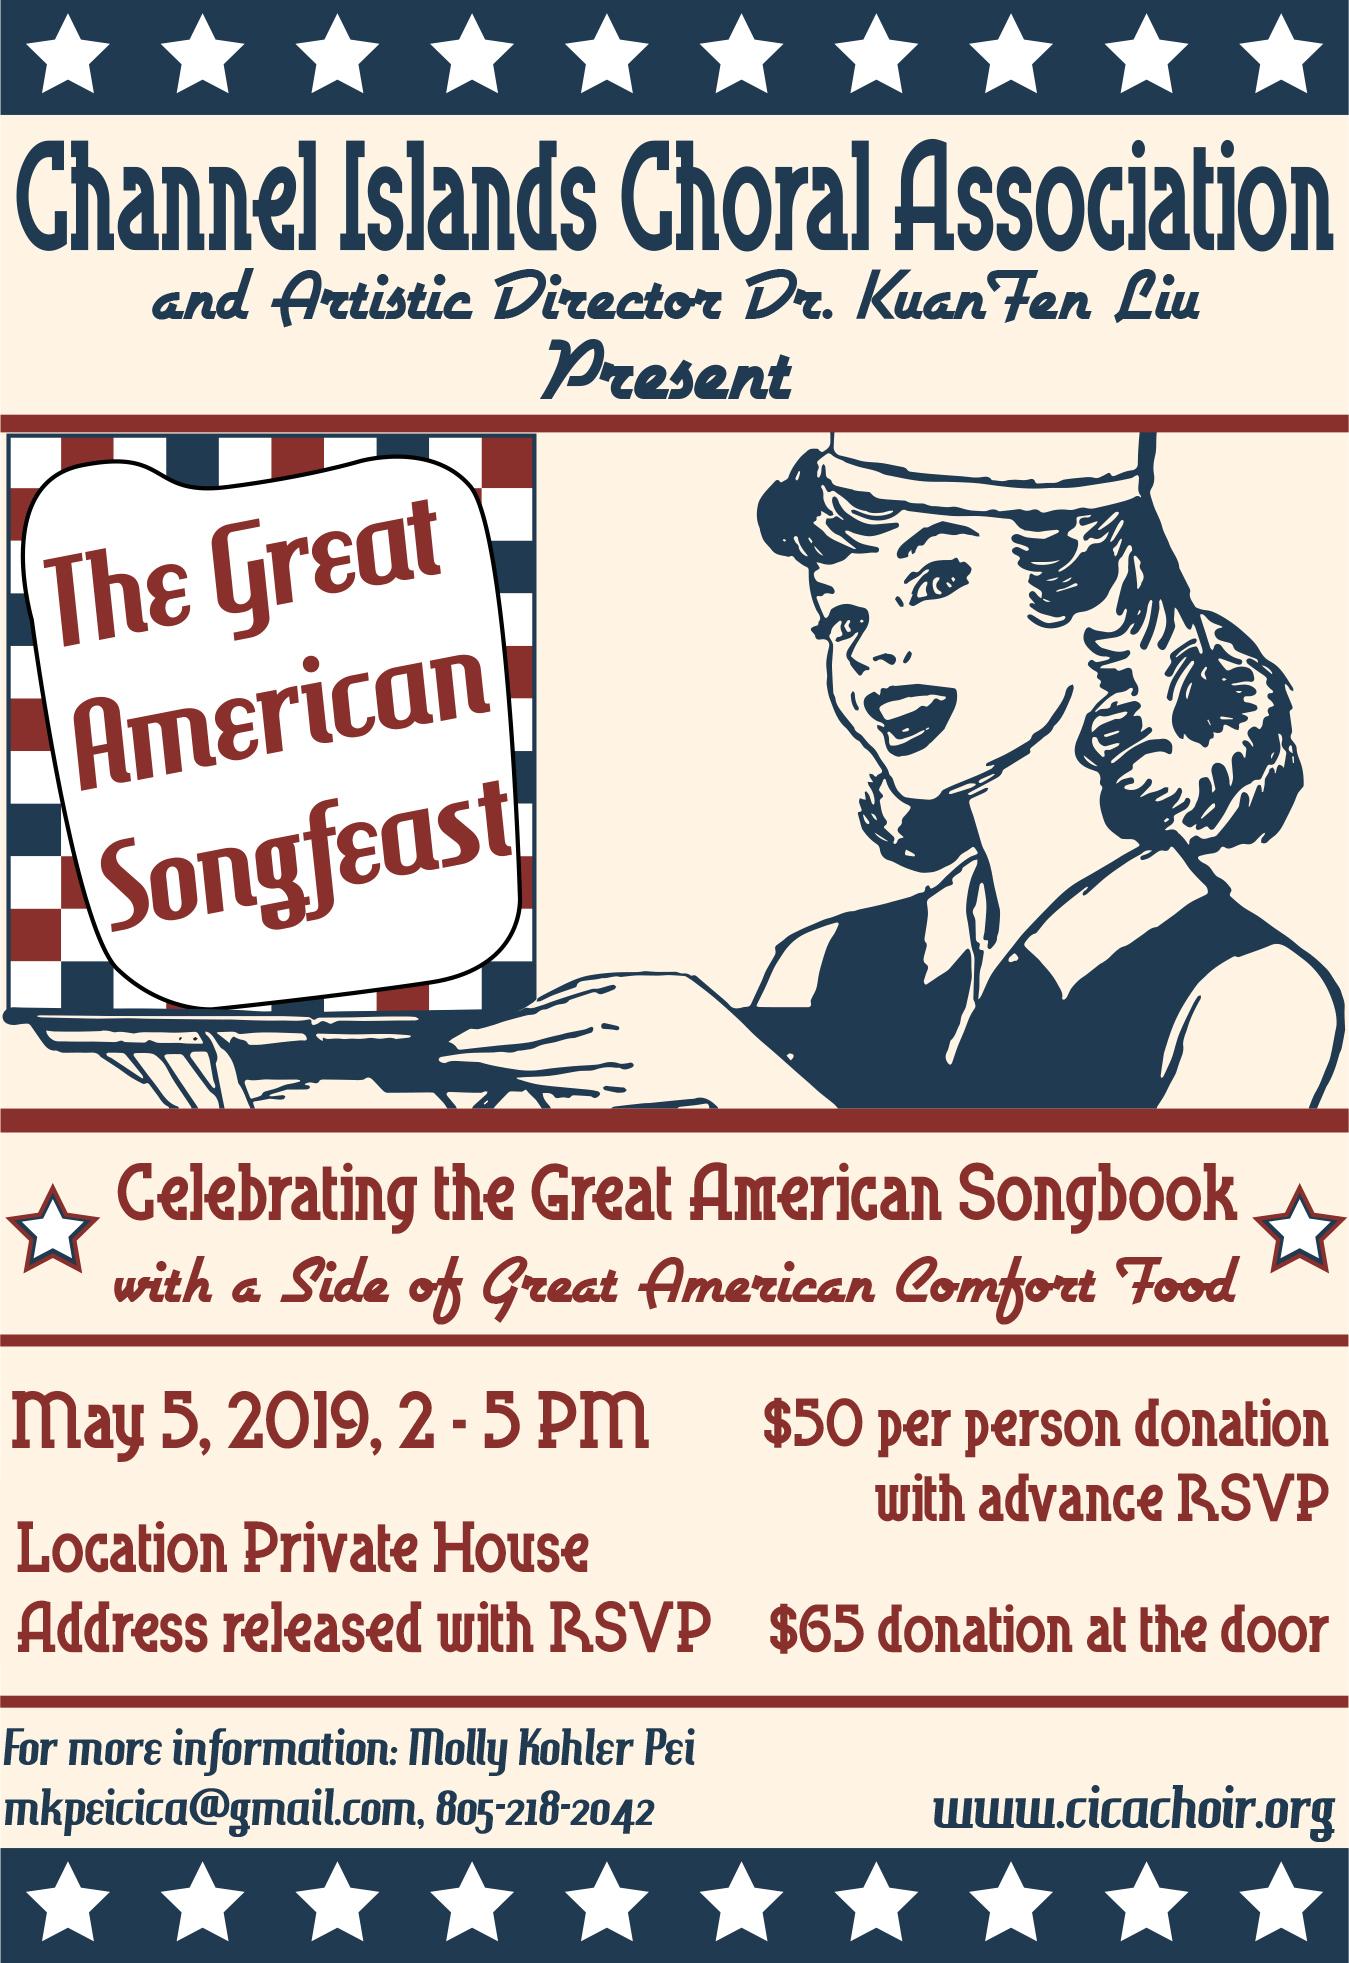 GreatAmericanSongfeast.jpg